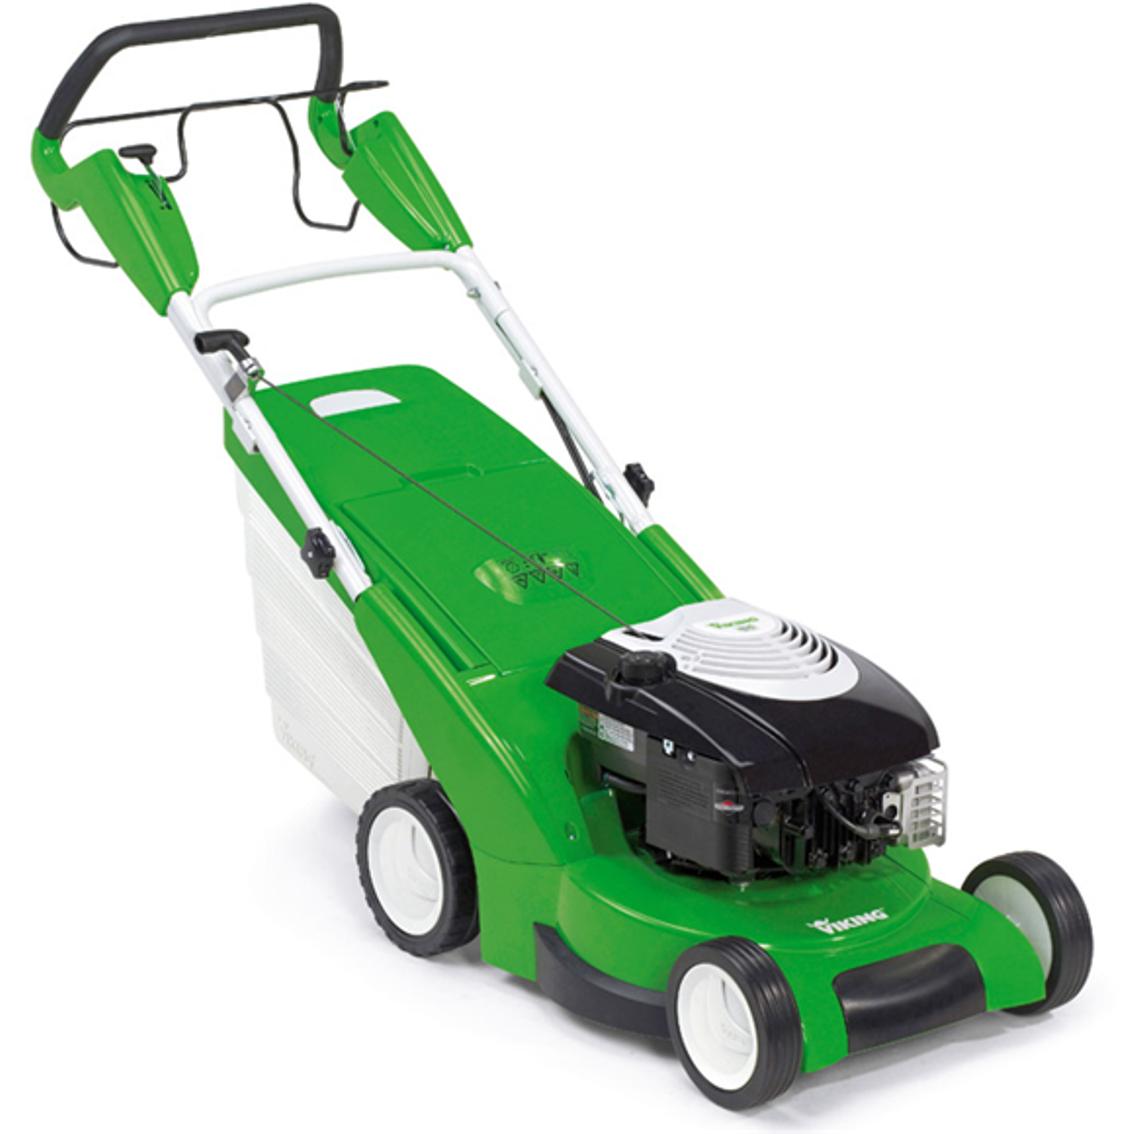 Viking MB 545.0 VS Petrol Lawn Mowers